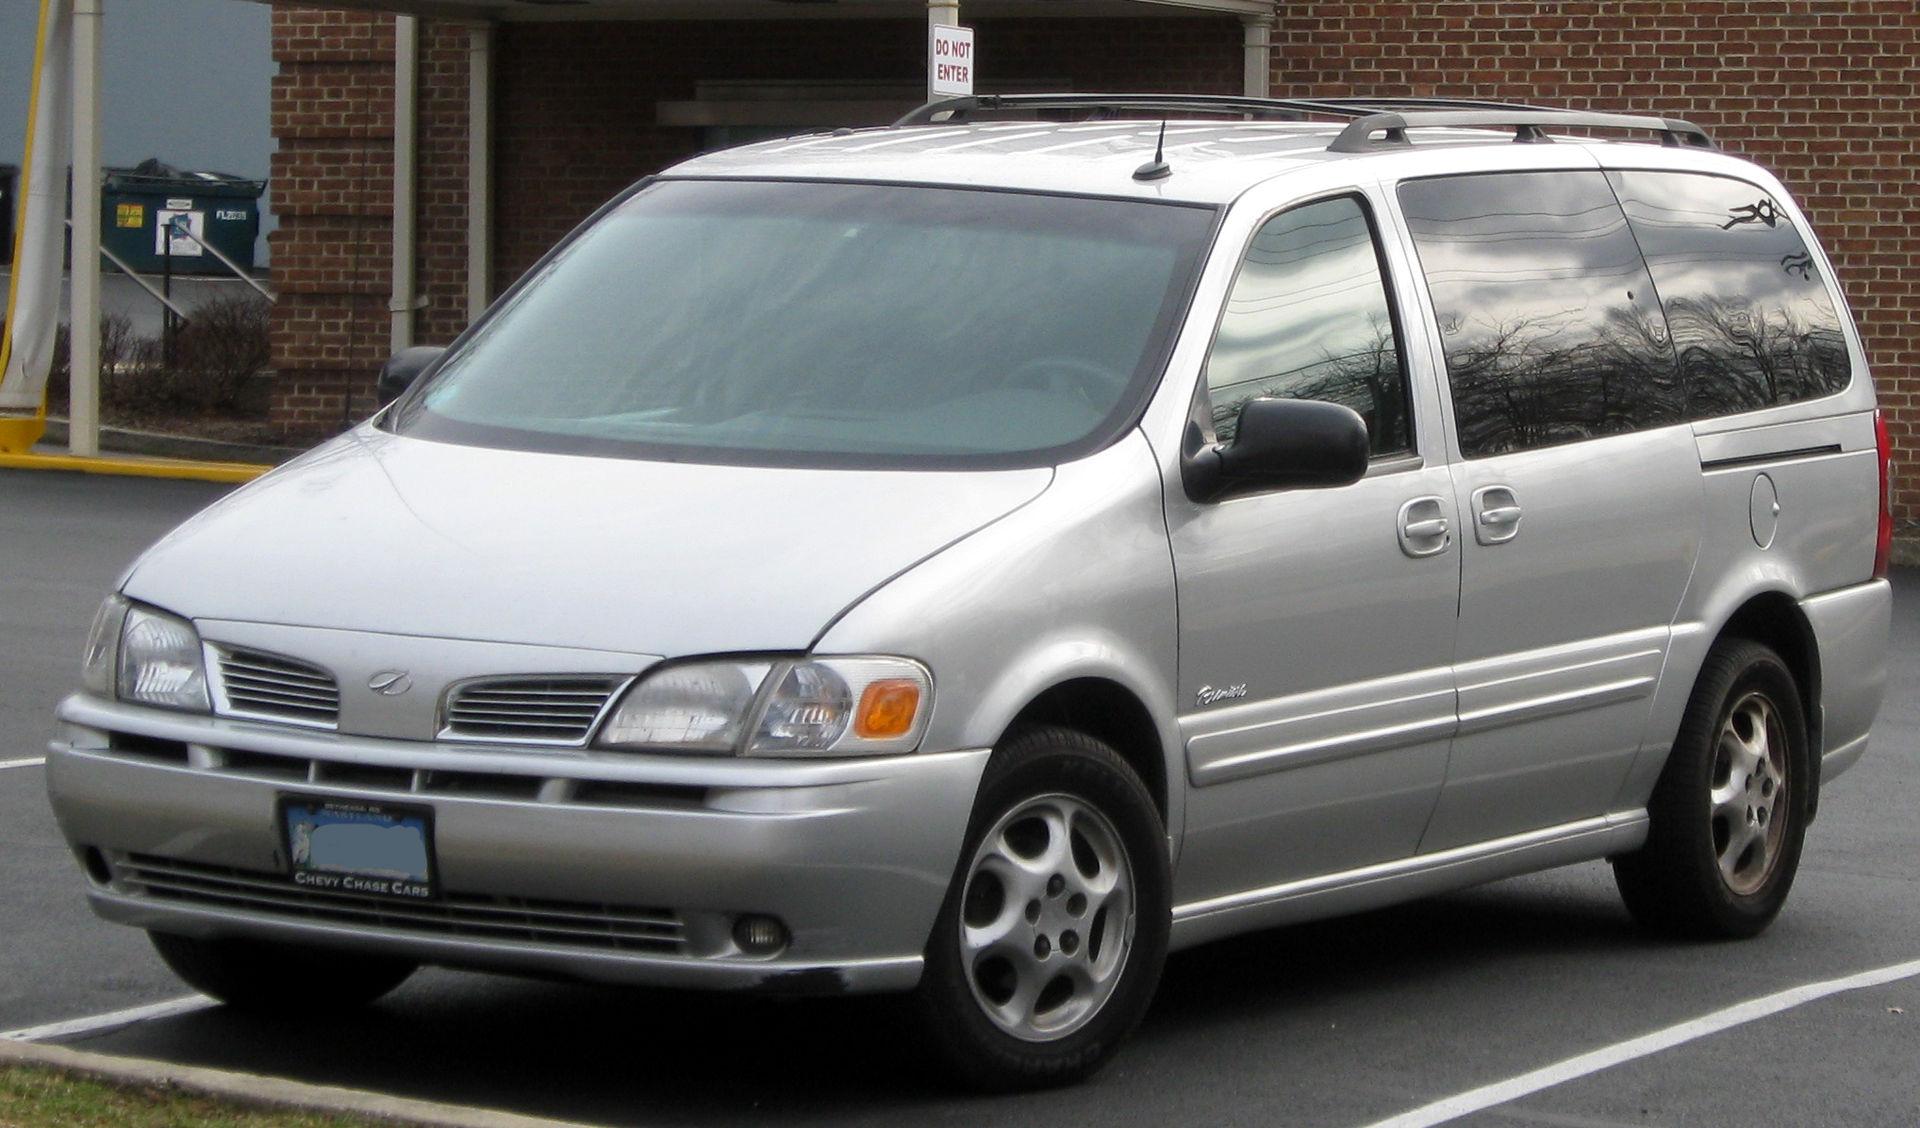 Oldsmobile Silhouette - Wikipedia